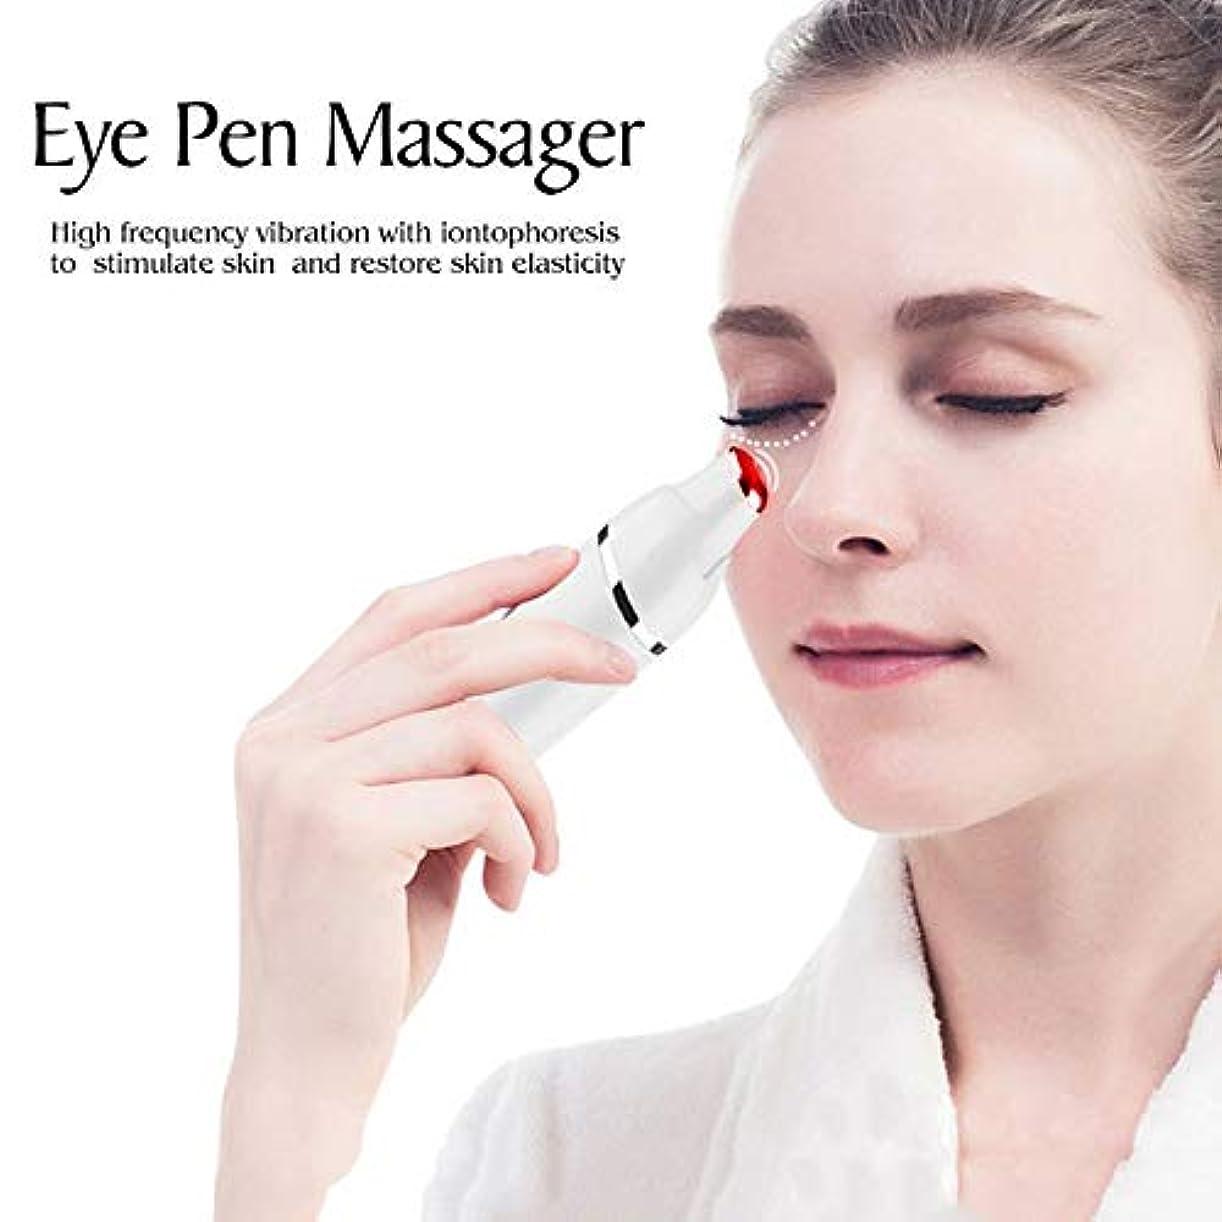 ページヘクタール早いソニックアイマッサージャー、目の疲れのための42℃加熱治療用ワンド、アイクリームを効果的に促進するためのアニオンの輸入